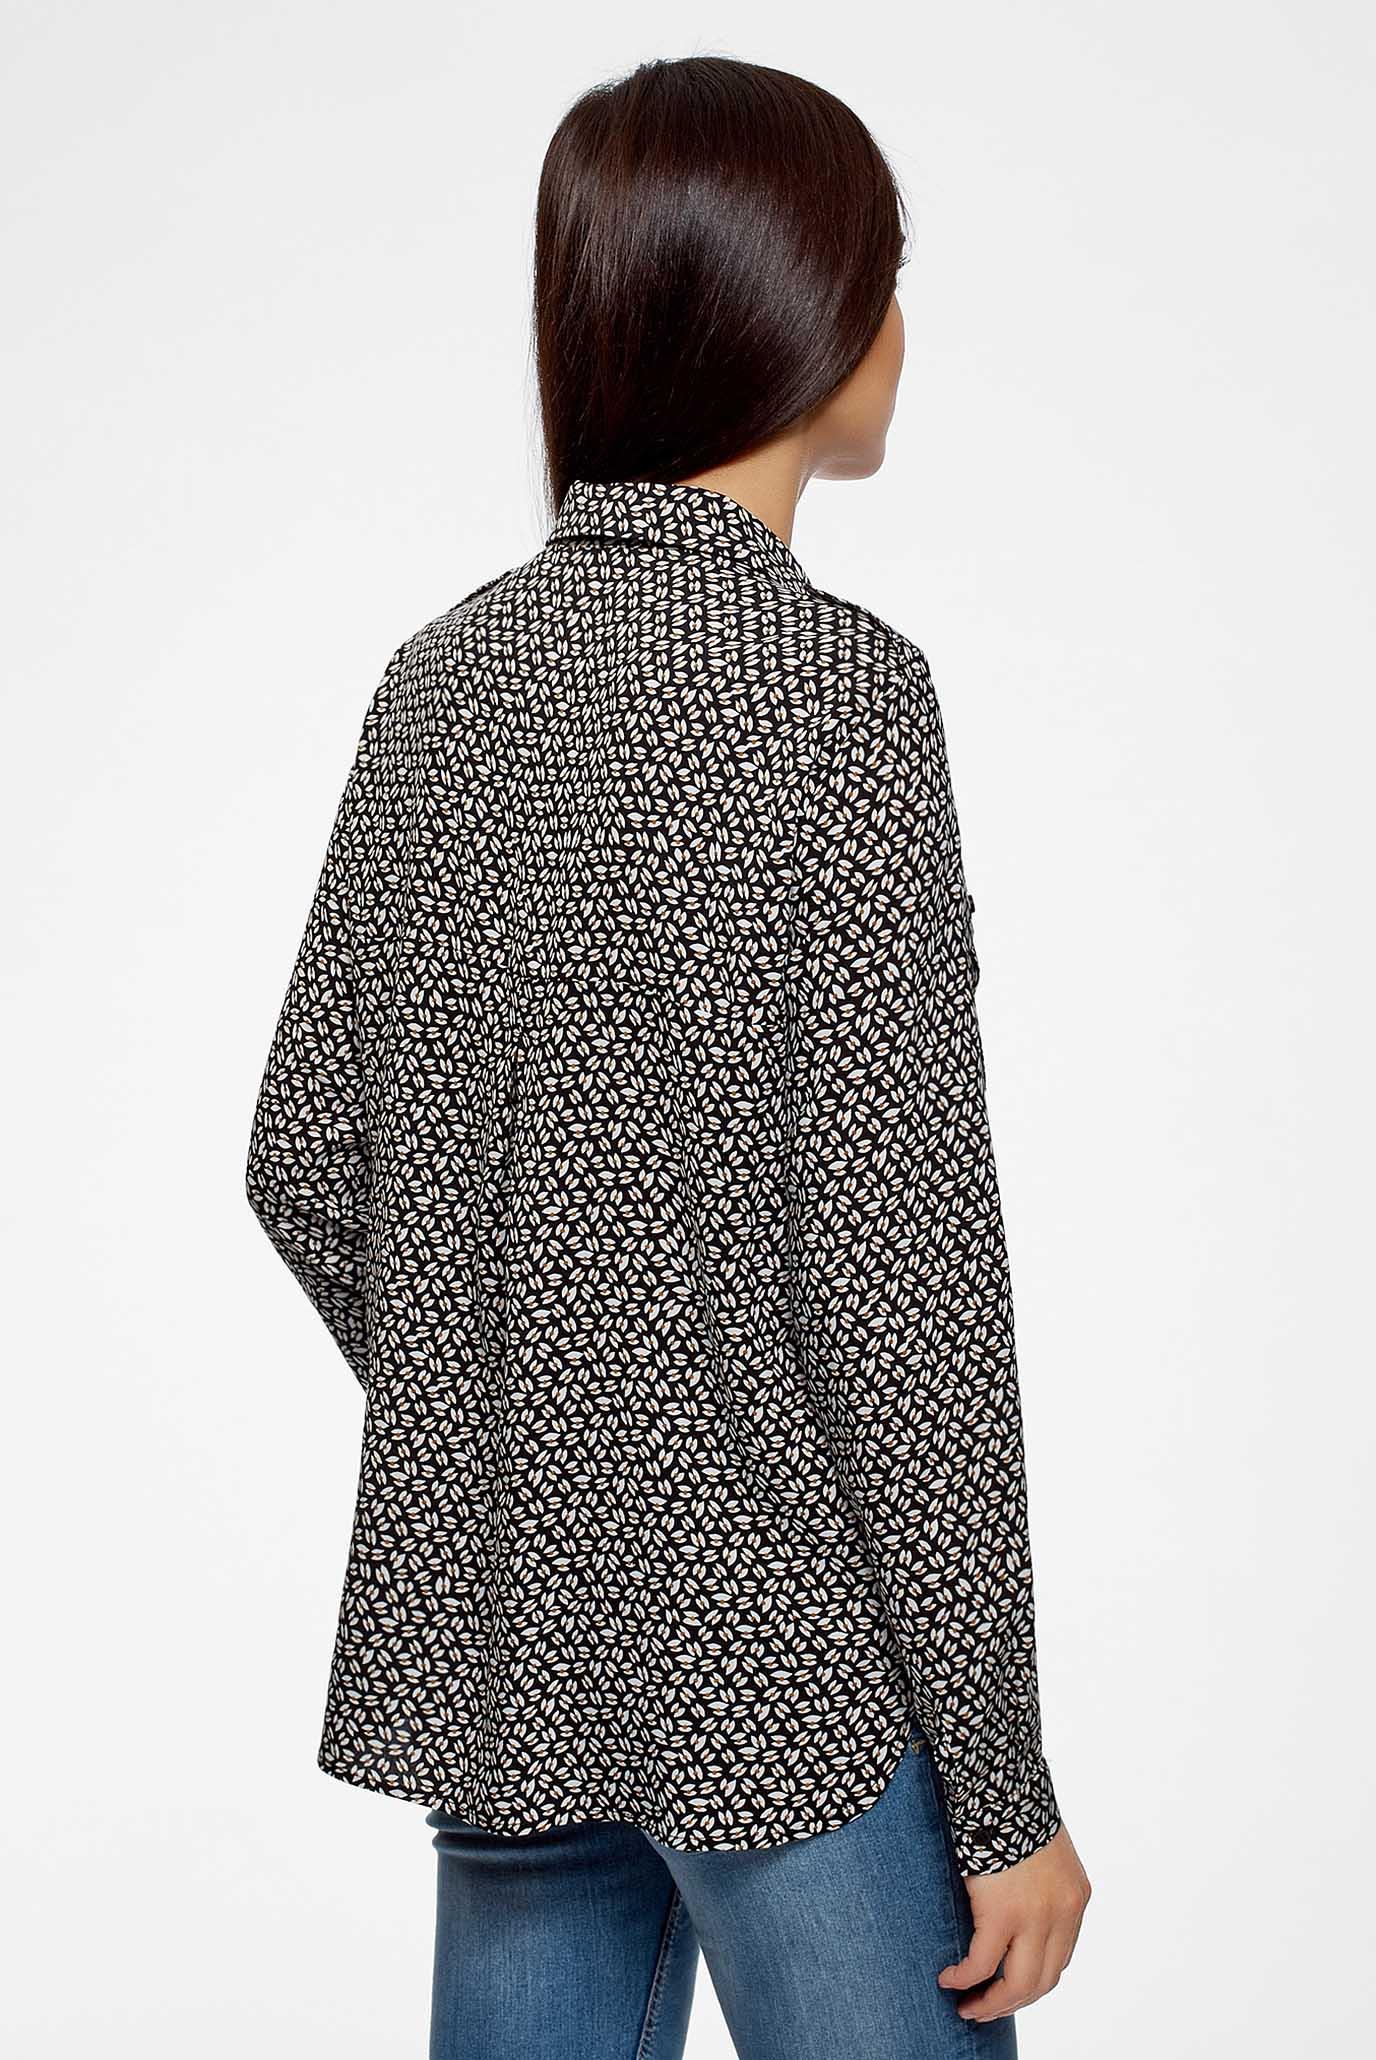 Купить Женская черная блуза Oodji Oodji 11411127B/26346/2933G – Киев, Украина. Цены в интернет магазине MD Fashion